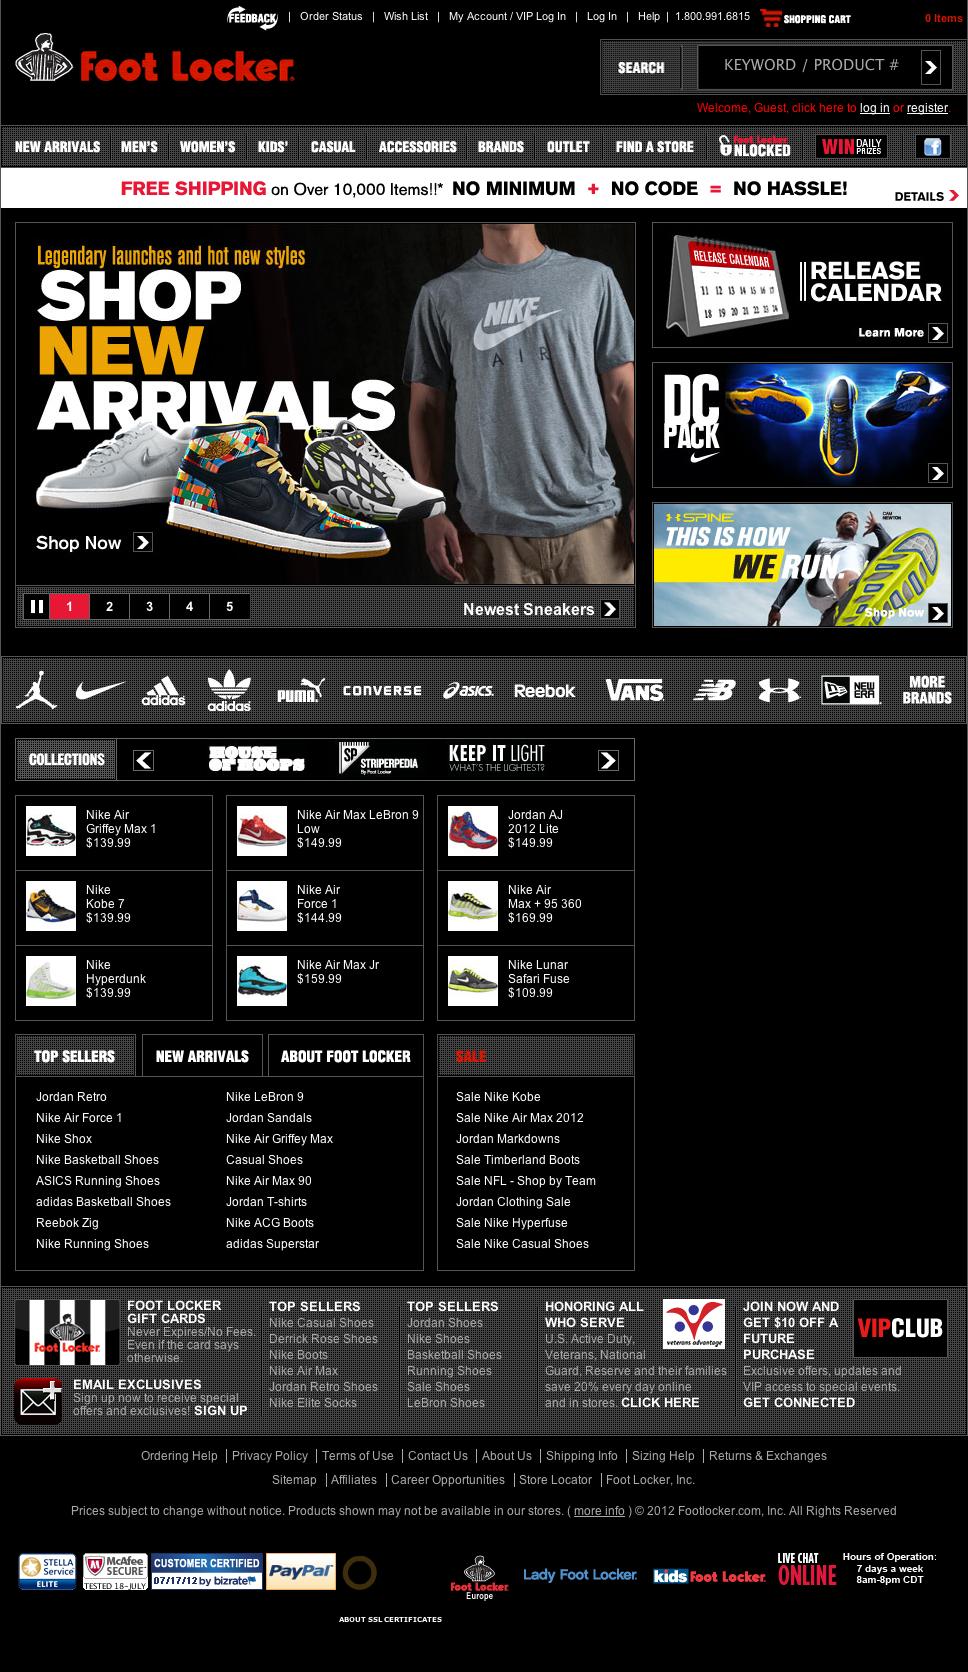 www.footlocker.com